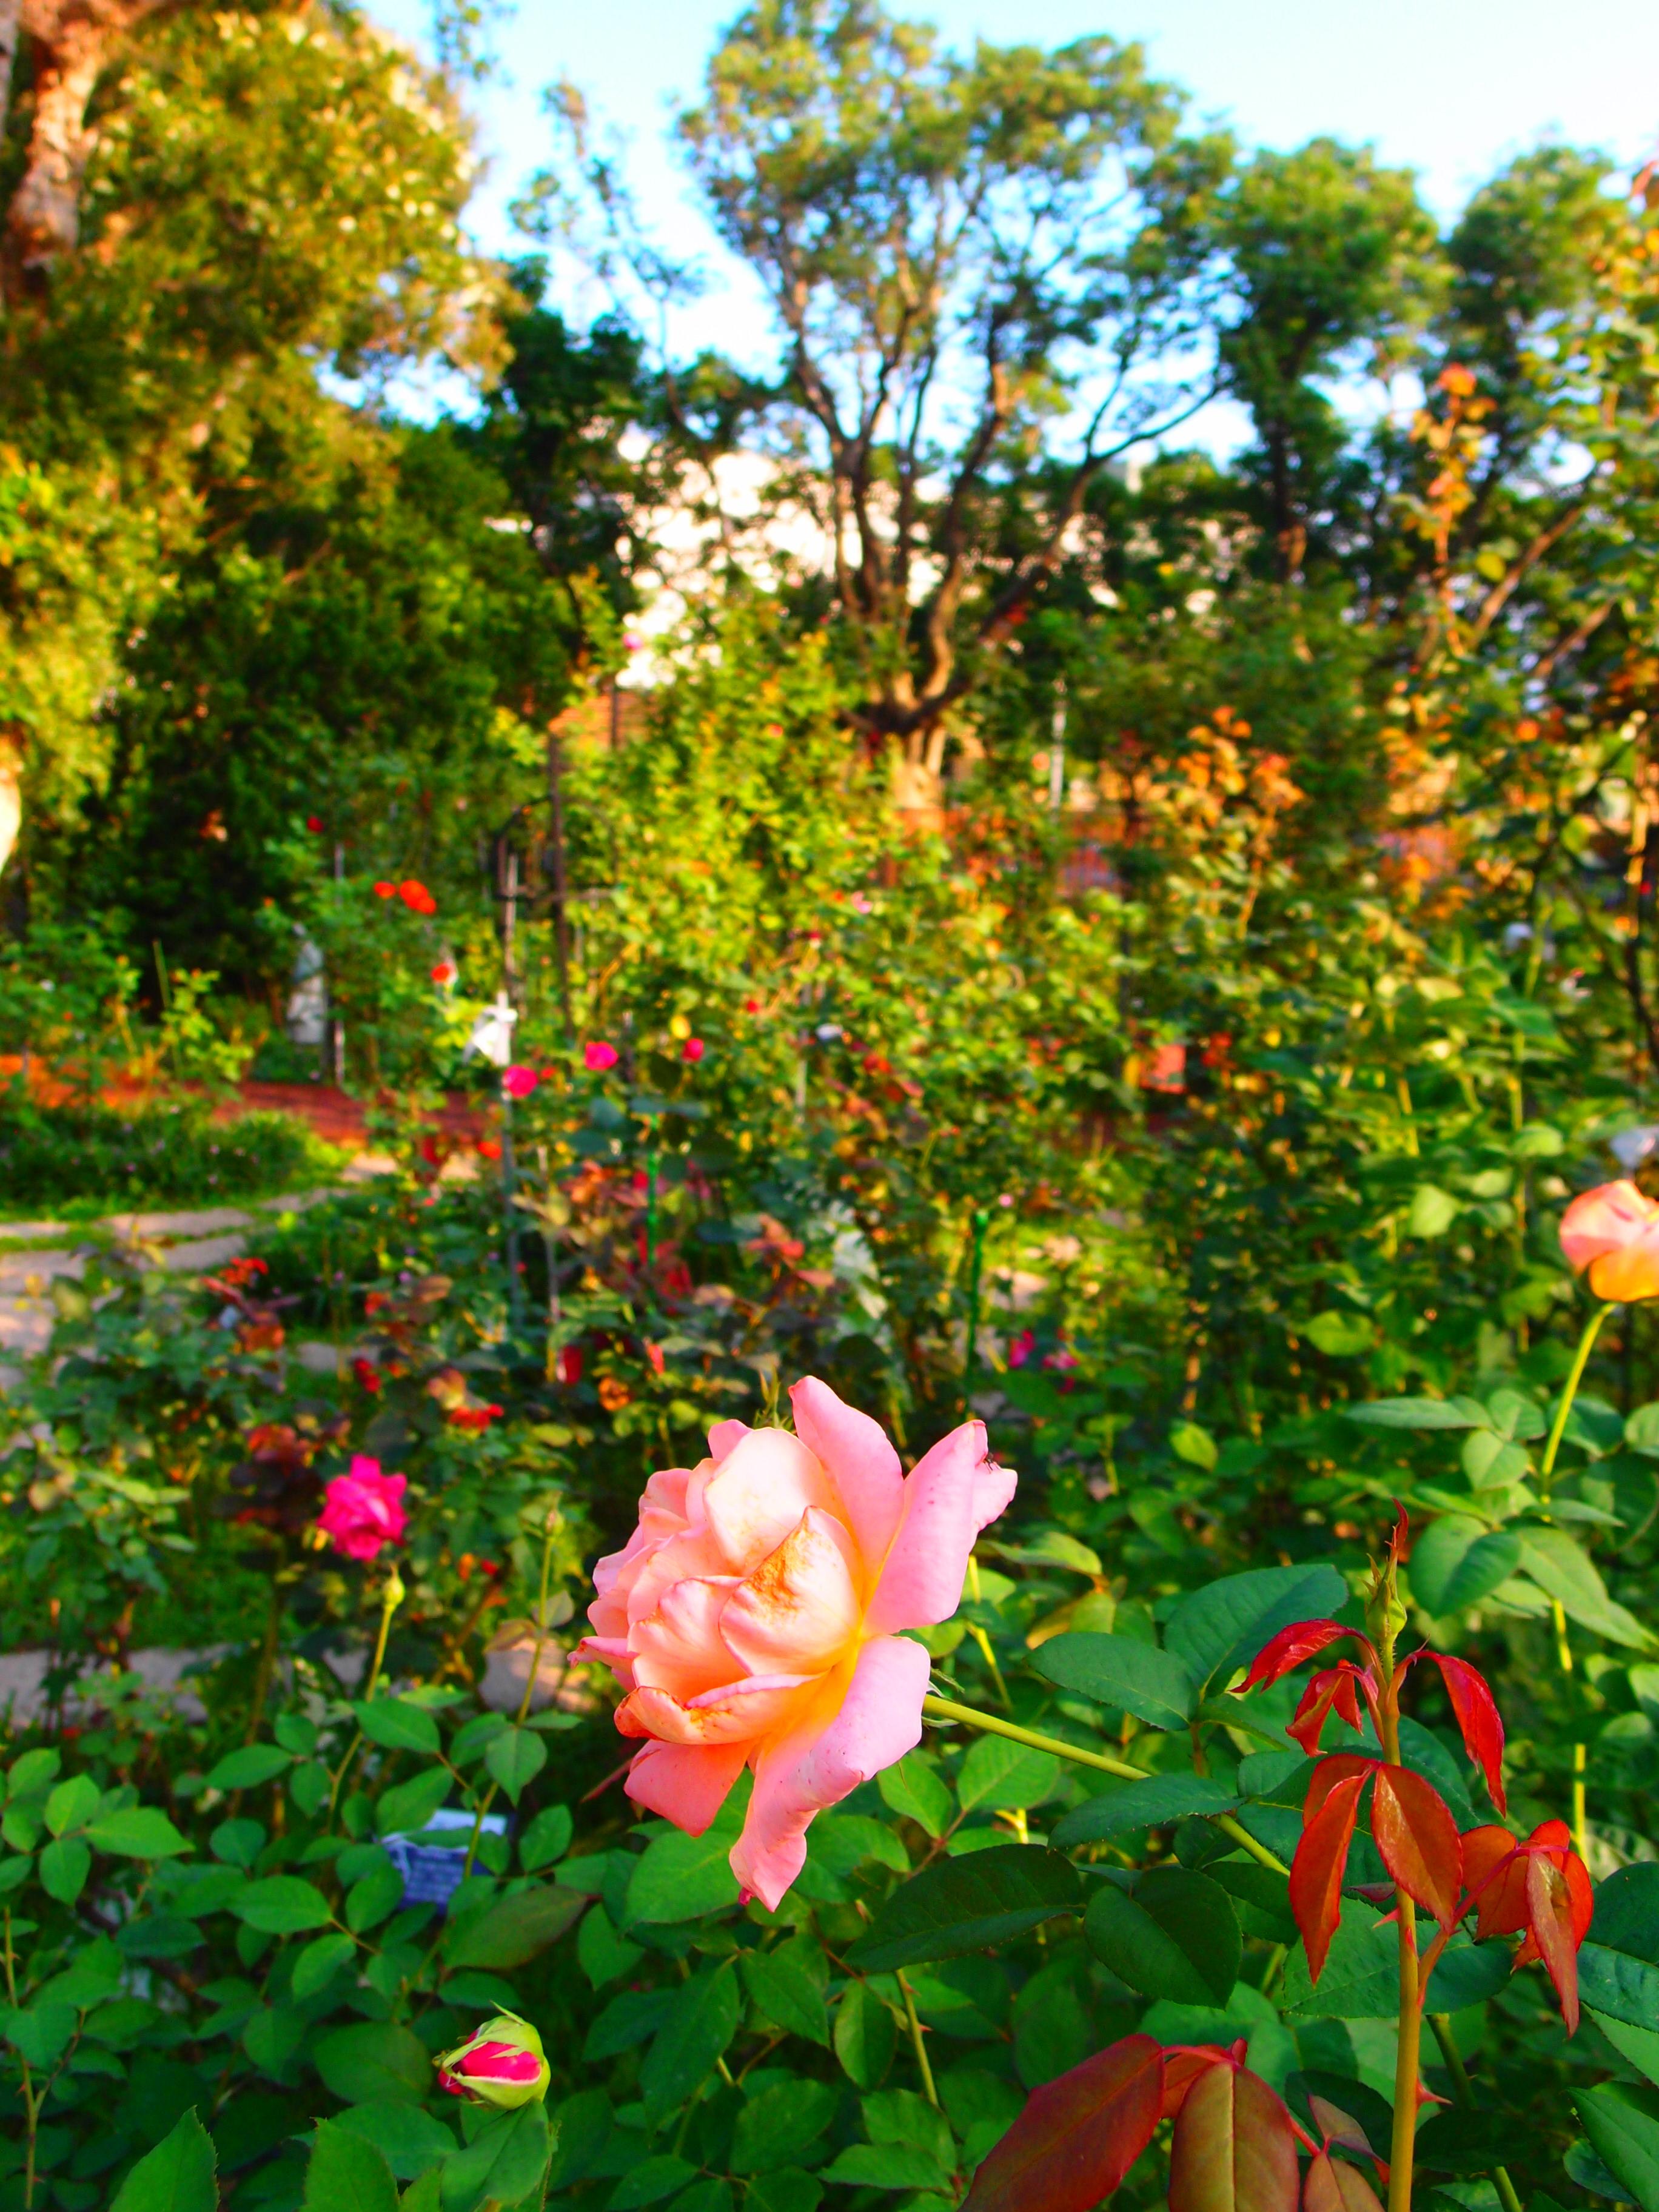 圖1、配合花期調整,春節期間仍可至新生玫瑰園欣賞花團錦簇玫瑰群。